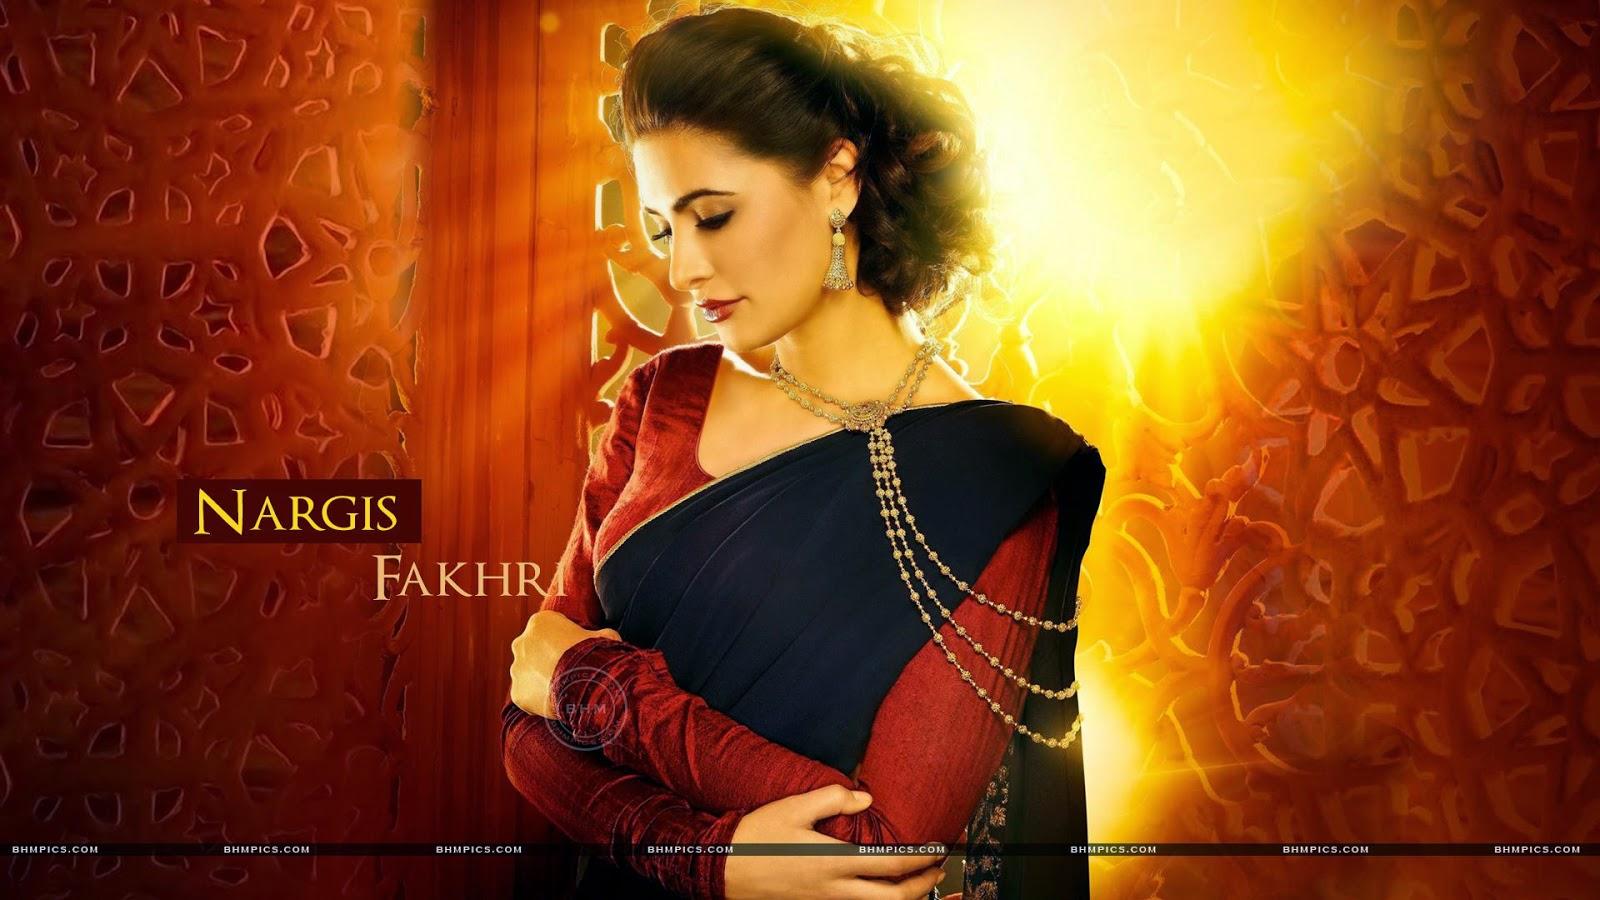 HD Nargis Fakhri In Black Saree Wallpapers